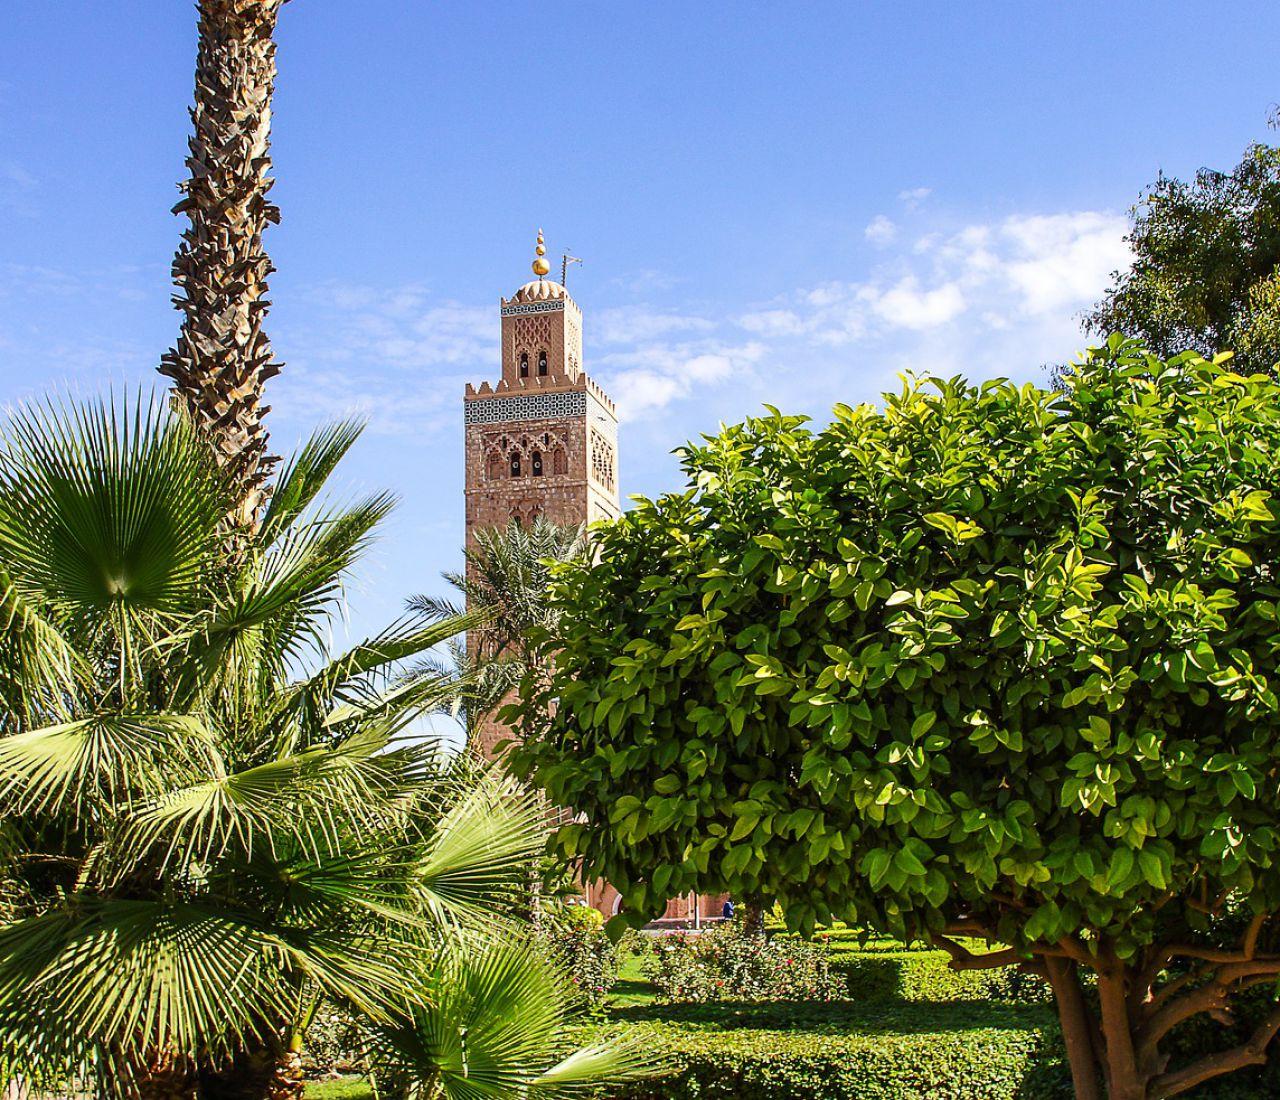 marrakech-4409002_1920